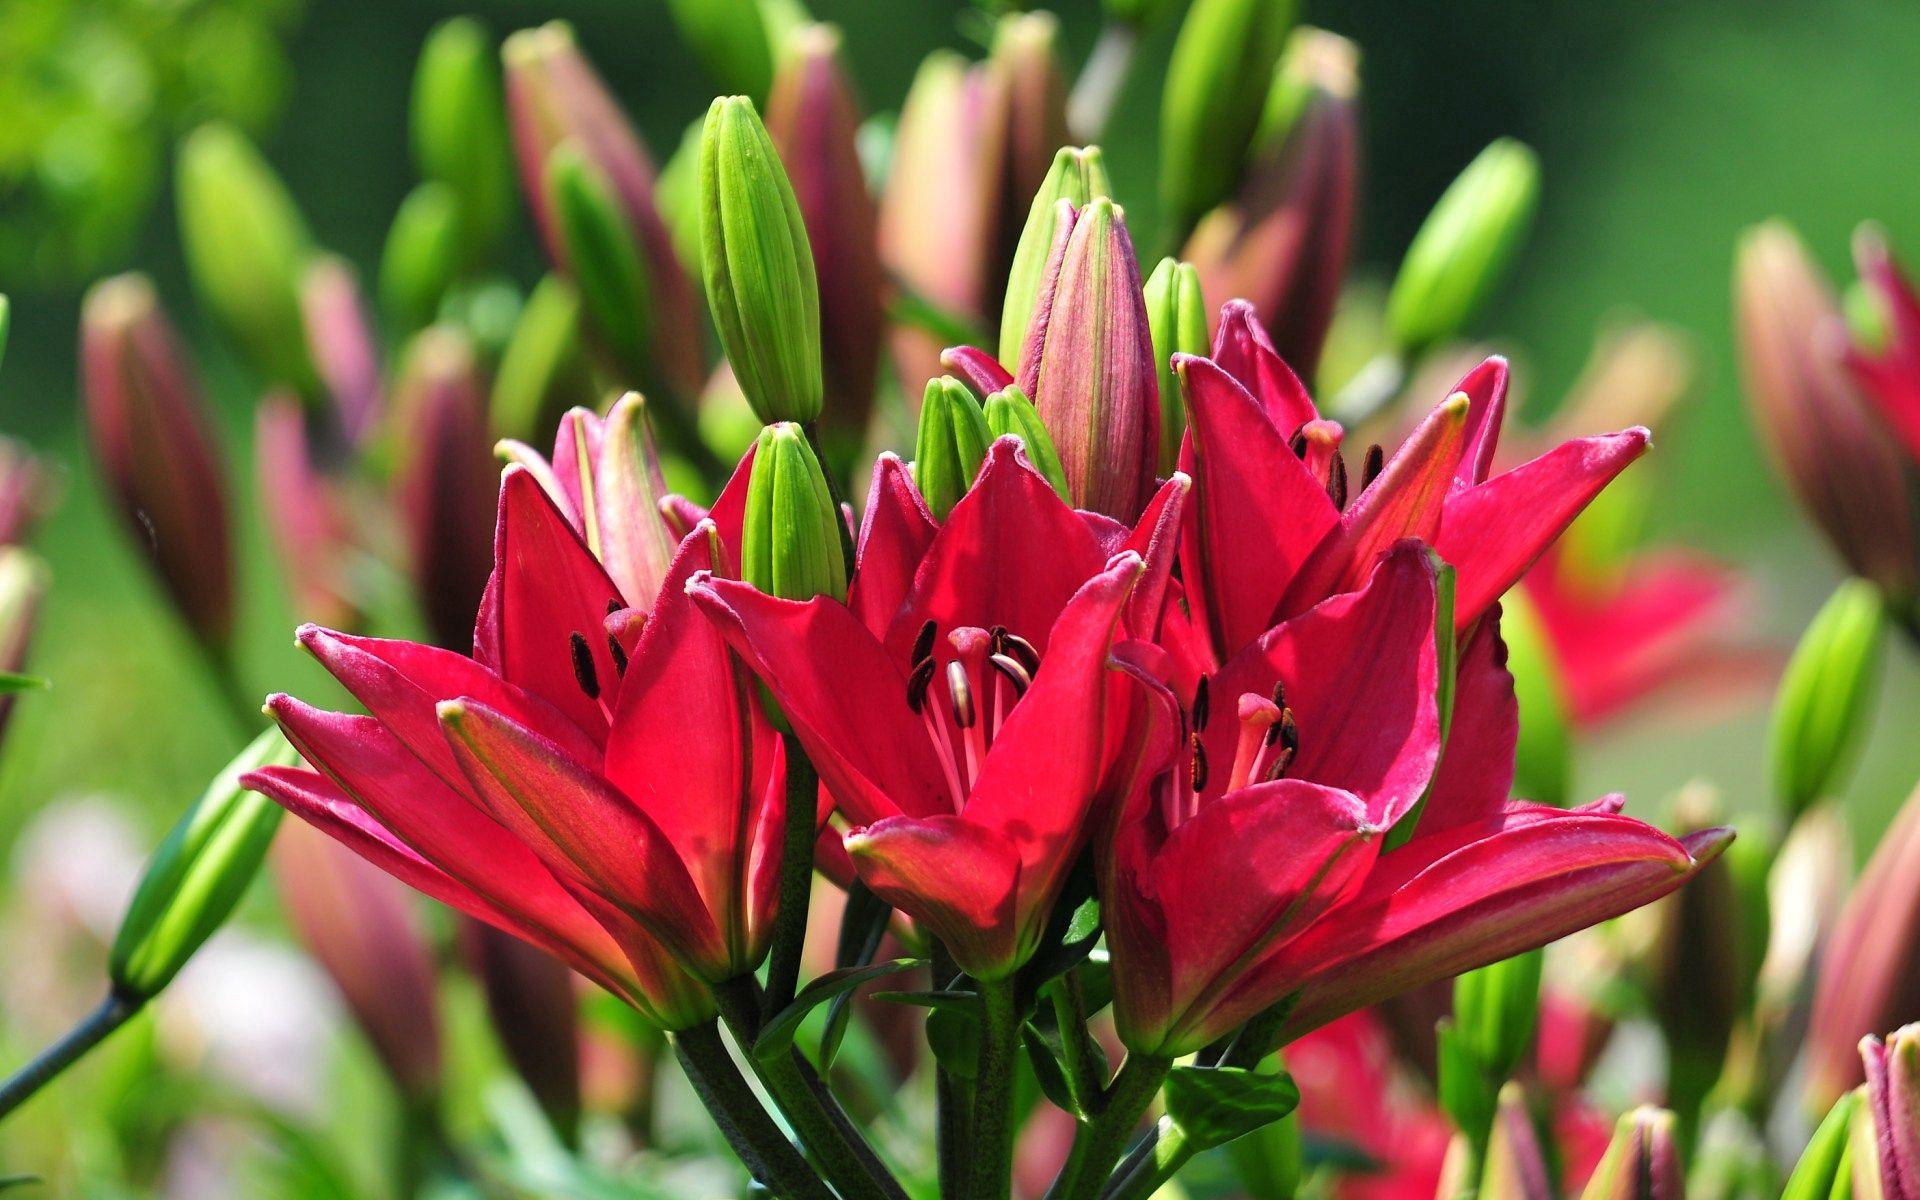 130801 скачать обои Цветы, Лилии, Тычинки, Бутоны, Солнечно, Лето - заставки и картинки бесплатно